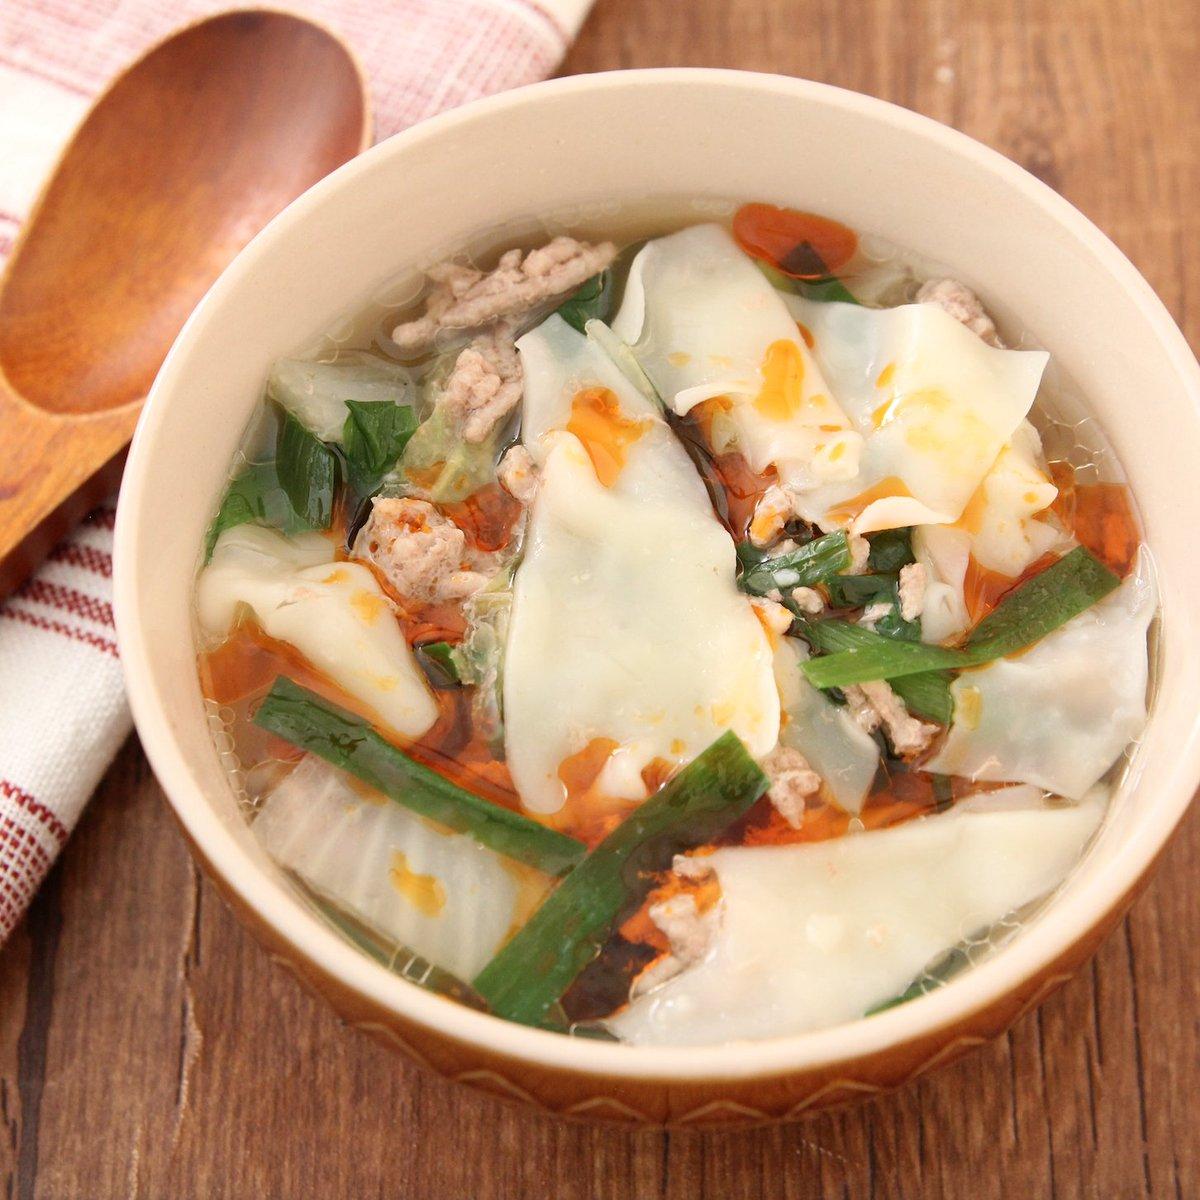 餃子の皮が余っちゃったときに是非!ワンタン風のスープレシピ!